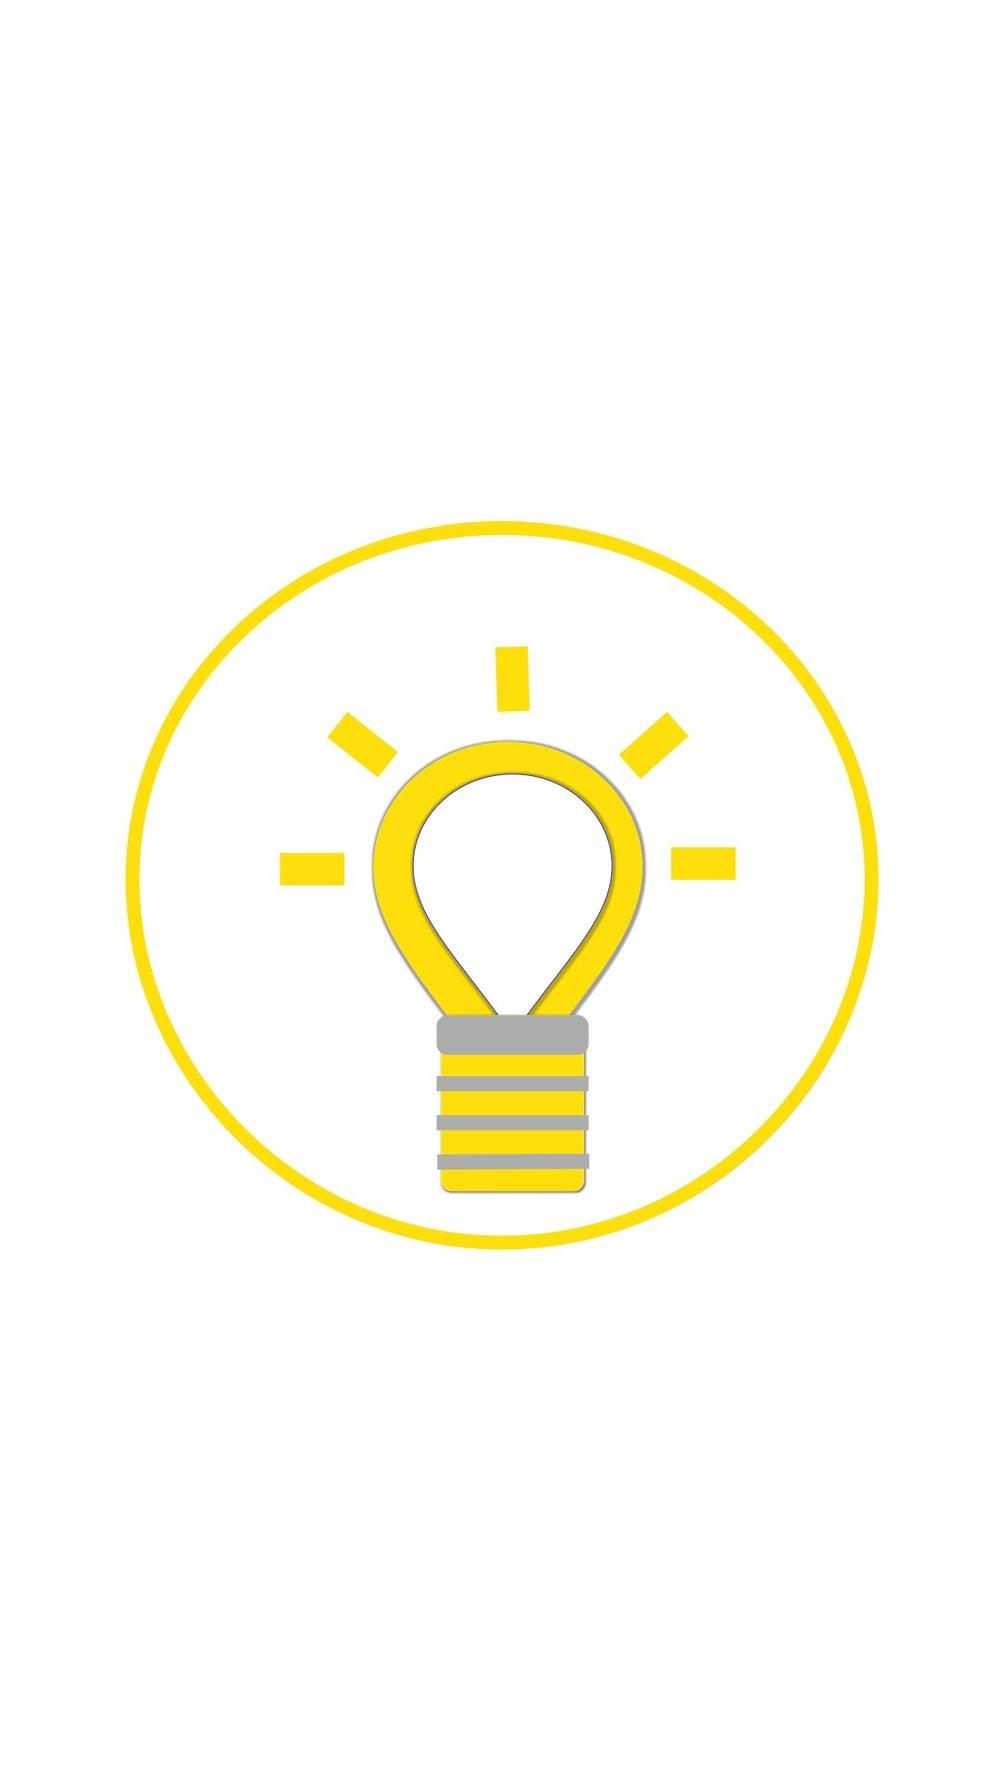 Instagram-cover-lightbulb-yellow-white-lotnotes.jpg